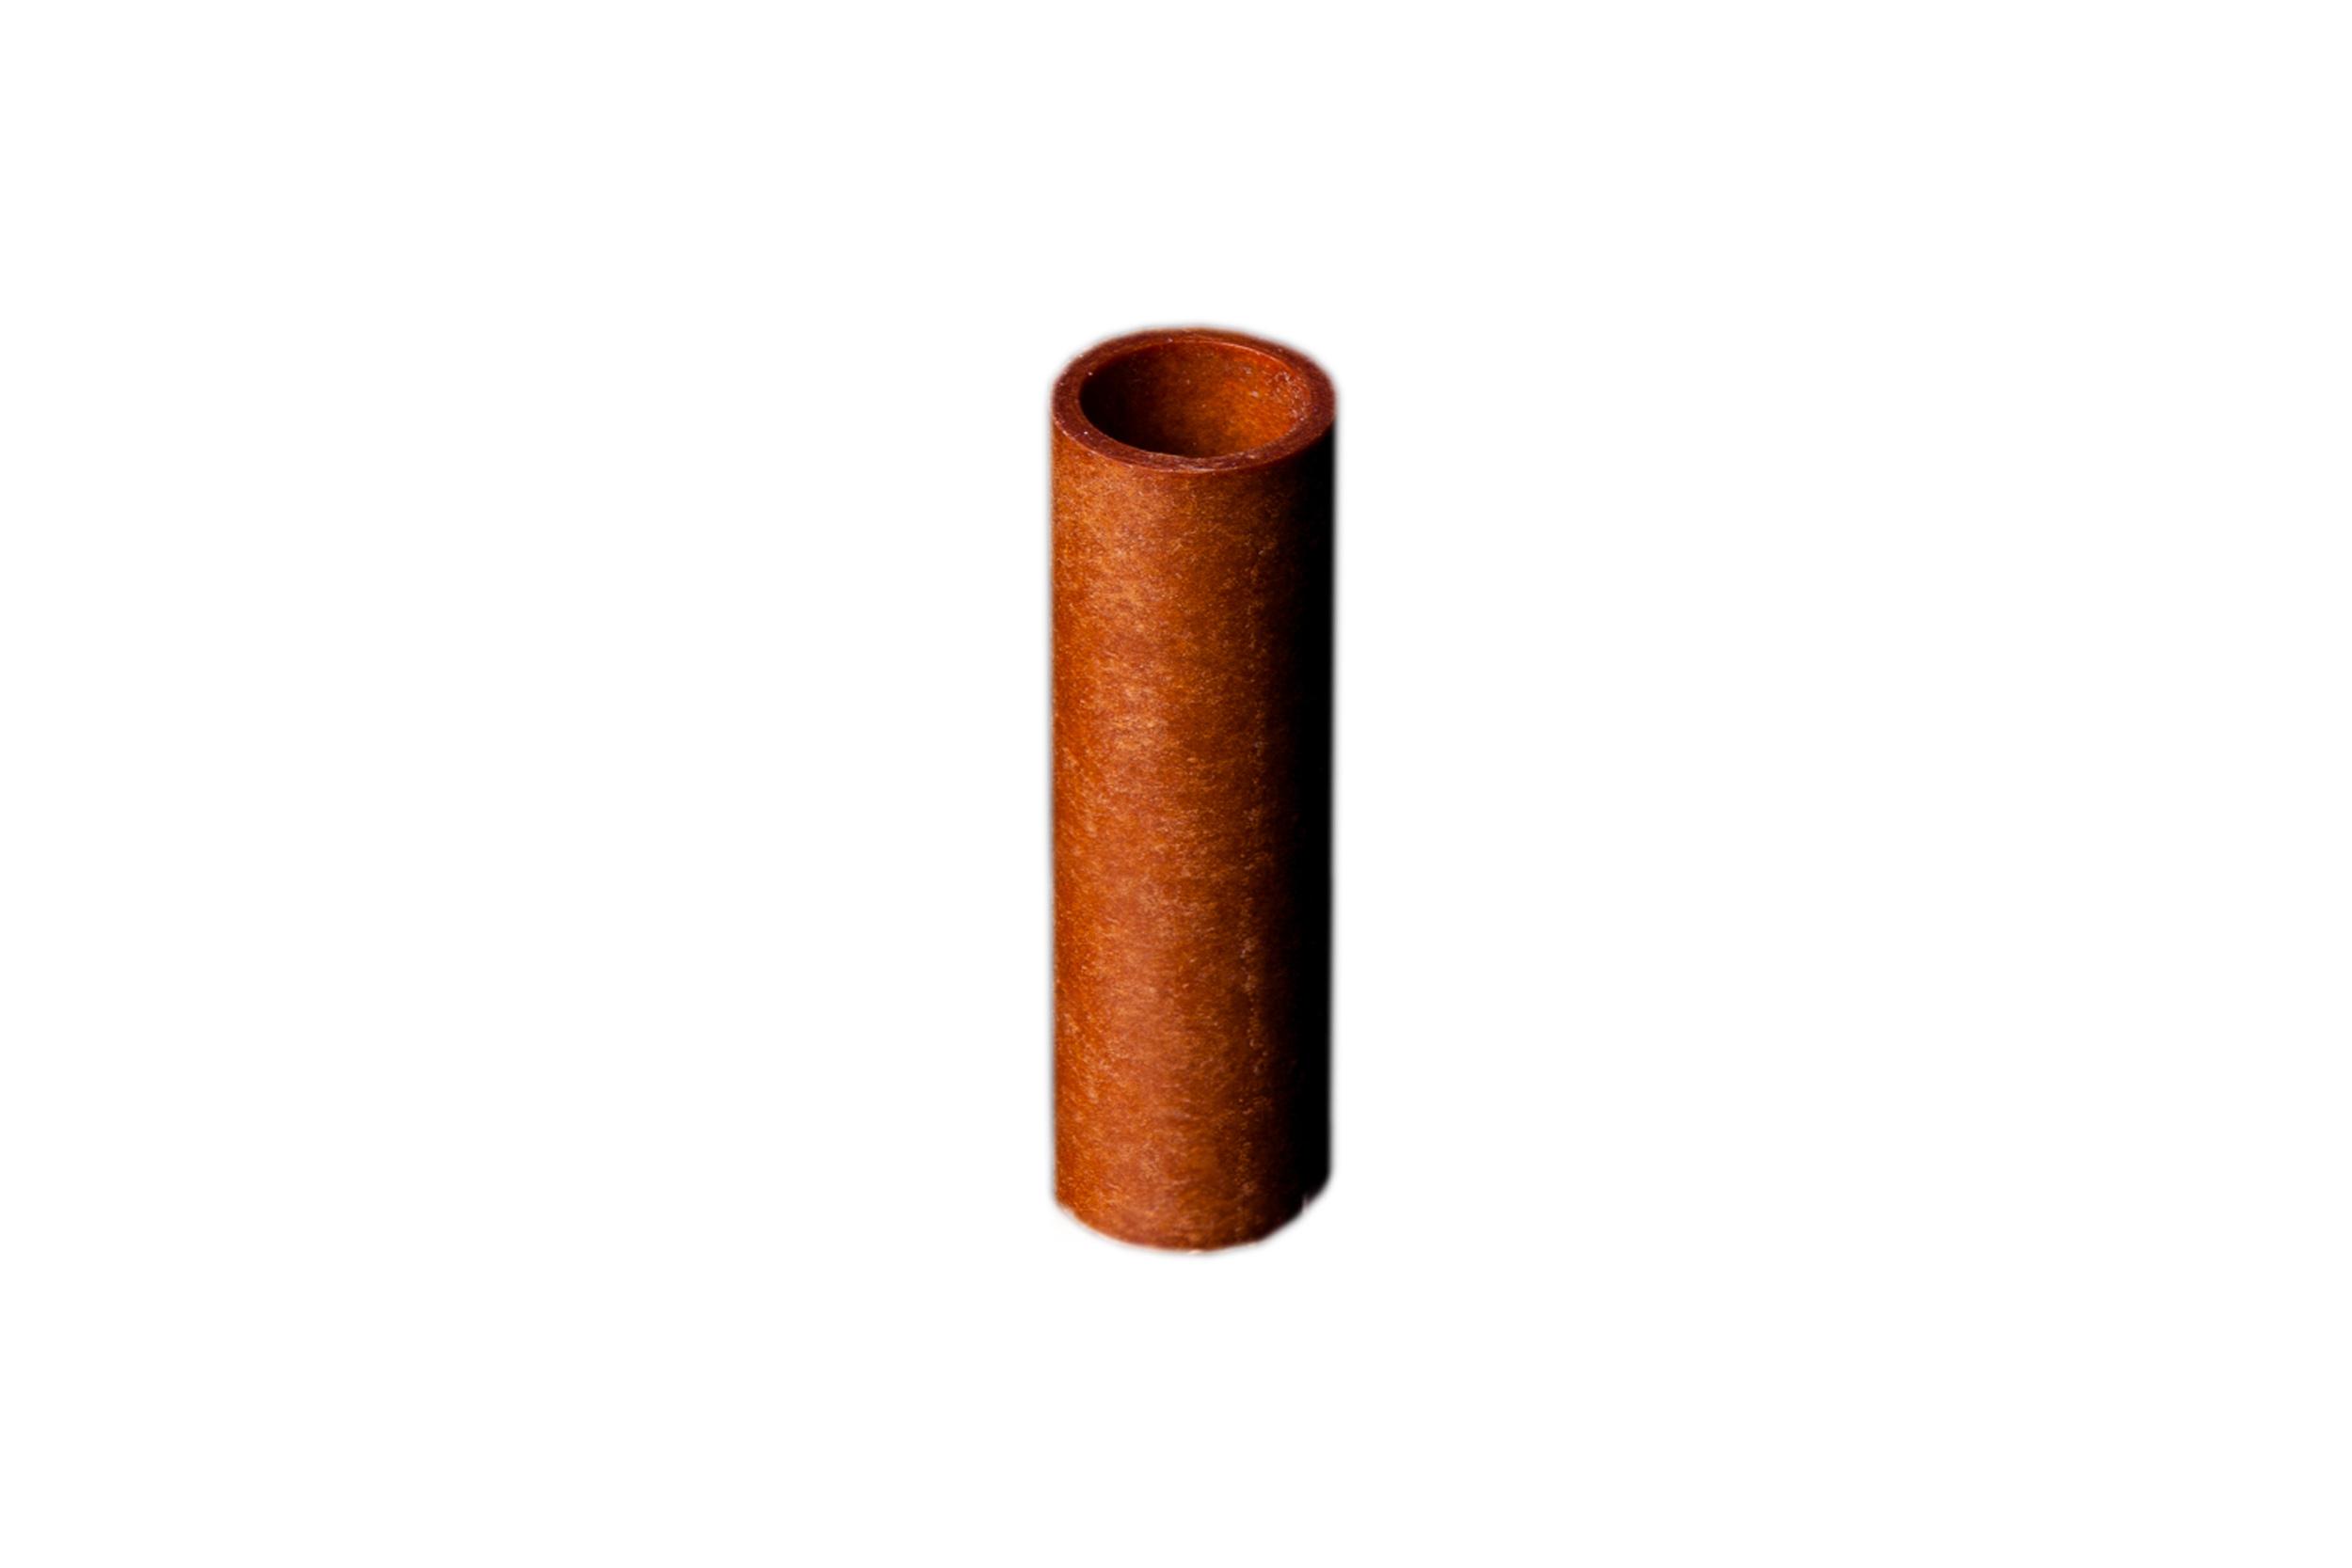 hp_tu_21_round_rolled_phenolic_paper_tube